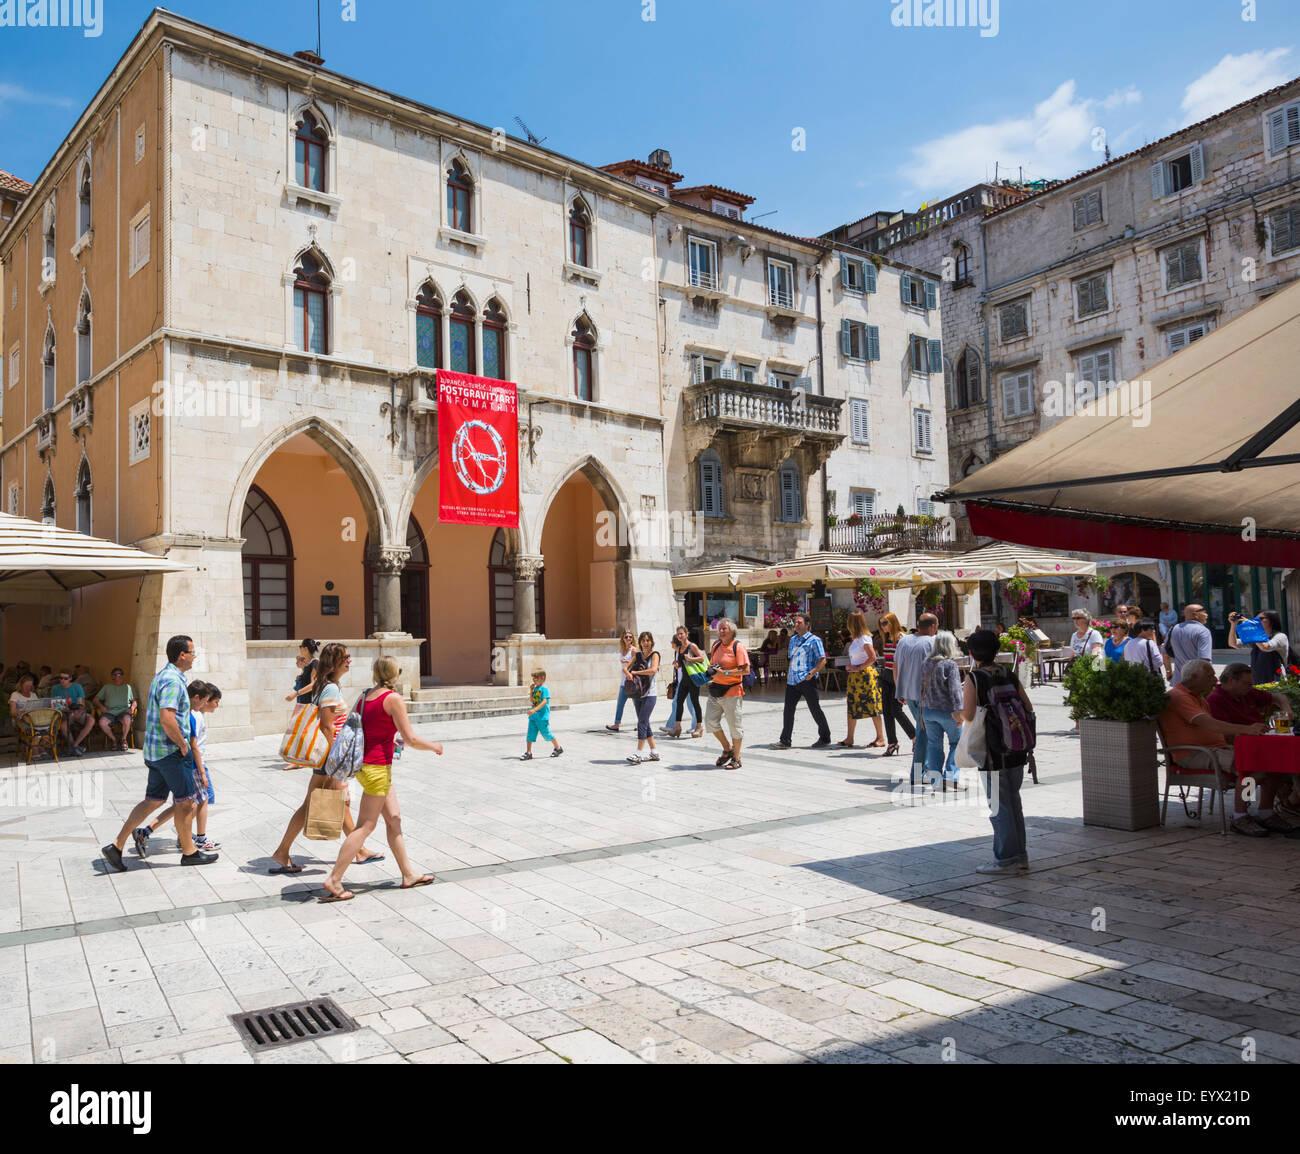 Split, Dalmatien, Kroatien.  Platz des Volkes.  Die rote Fahne hängt vom 15. Jahrhundert Renaissance-Rathaus. Stockbild